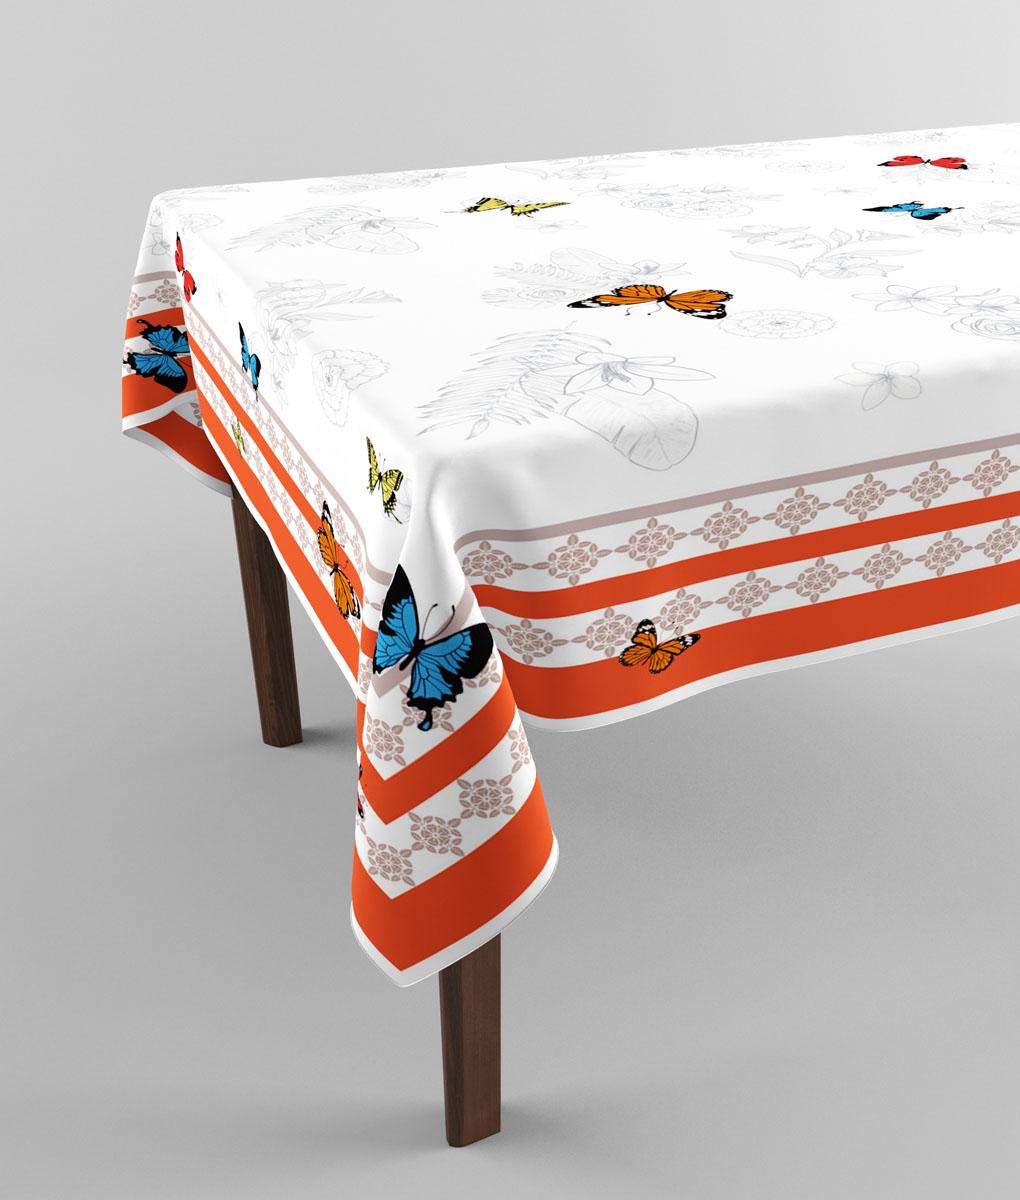 Скатерть Сирень Праздничный стол, прямоугольная, 145 x 120 см04708-СК-ГБ-003Прямоугольная скатерть Сирень Праздничный стол с ярким и объемным рисунком, выполненная из габардина, преобразит вашу кухню, визуально расширит пространство, создаст атмосферу радости и комфорта. Рекомендации по уходу: стирка при 30 градусах, гладить при температуре до 110 градусов. Изображение может немного отличаться от реального.